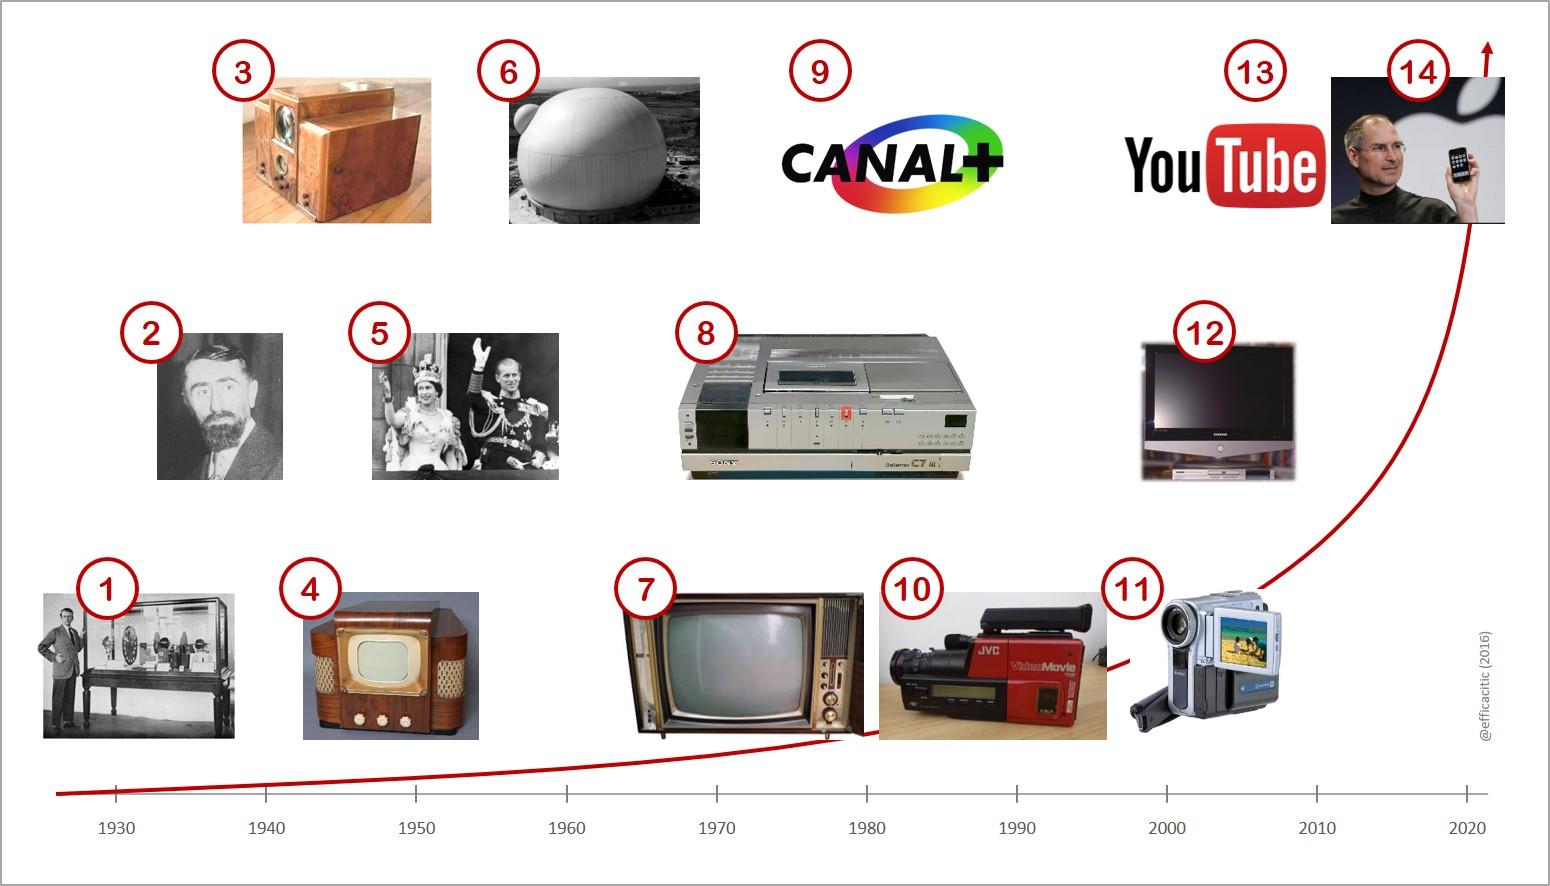 histoire de la vidéo - du début YouTube